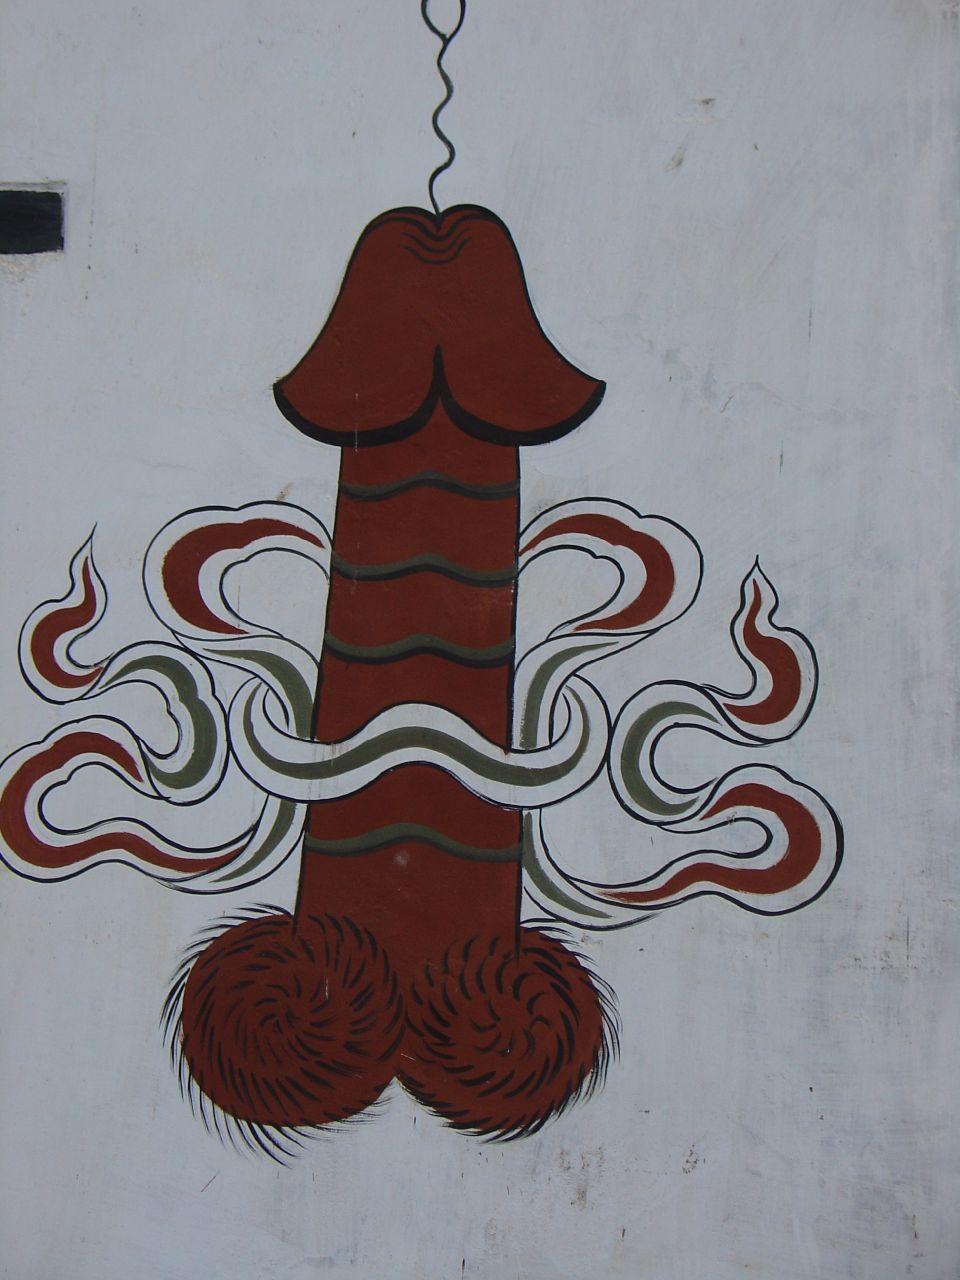 """En bhutanesisk säregenhet är det som kan beskrivas som en vida spridd snoppallmogekonst. Den har sitt ursprung i legenden om den buddistiske läromästaren Drukpa Kunley, allmänt känd som """"Den gudomlige galningen"""", som i slutet på 1400-talet höll onda andar borta med sin penis.©Wikimediacommons_amanderson2_flickr"""